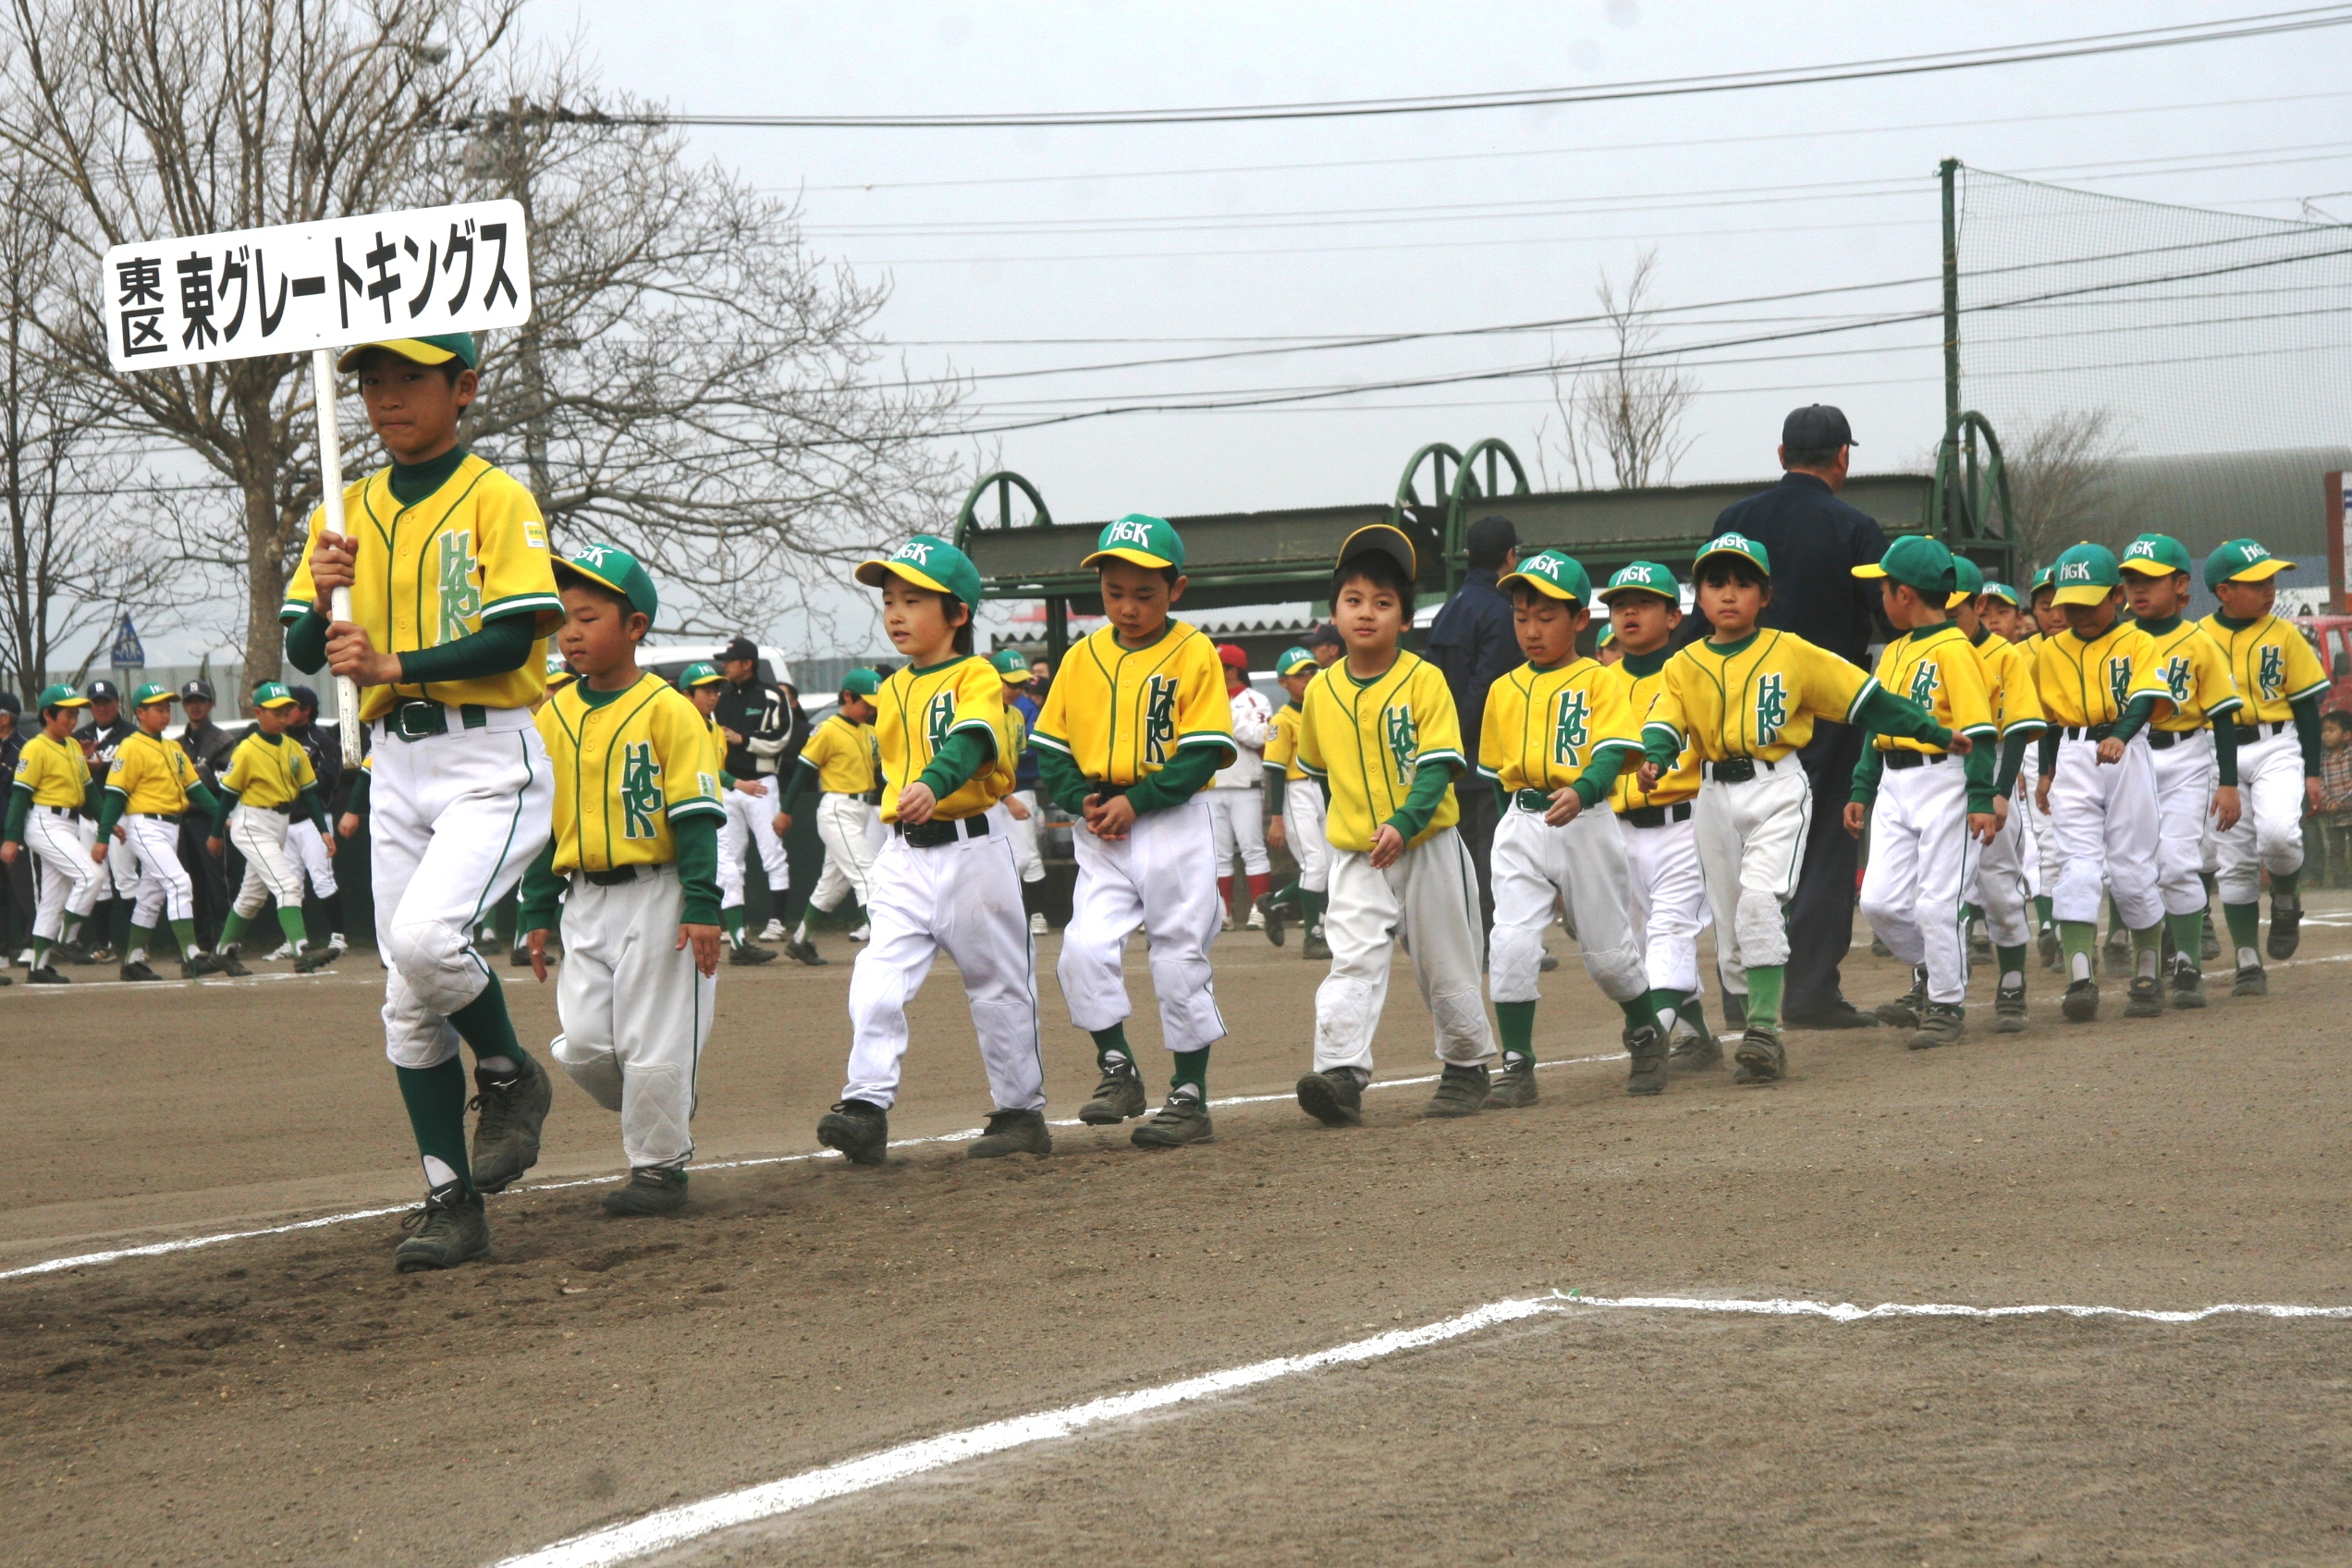 札幌 少年 野球 札幌オールブラックスのホームページ